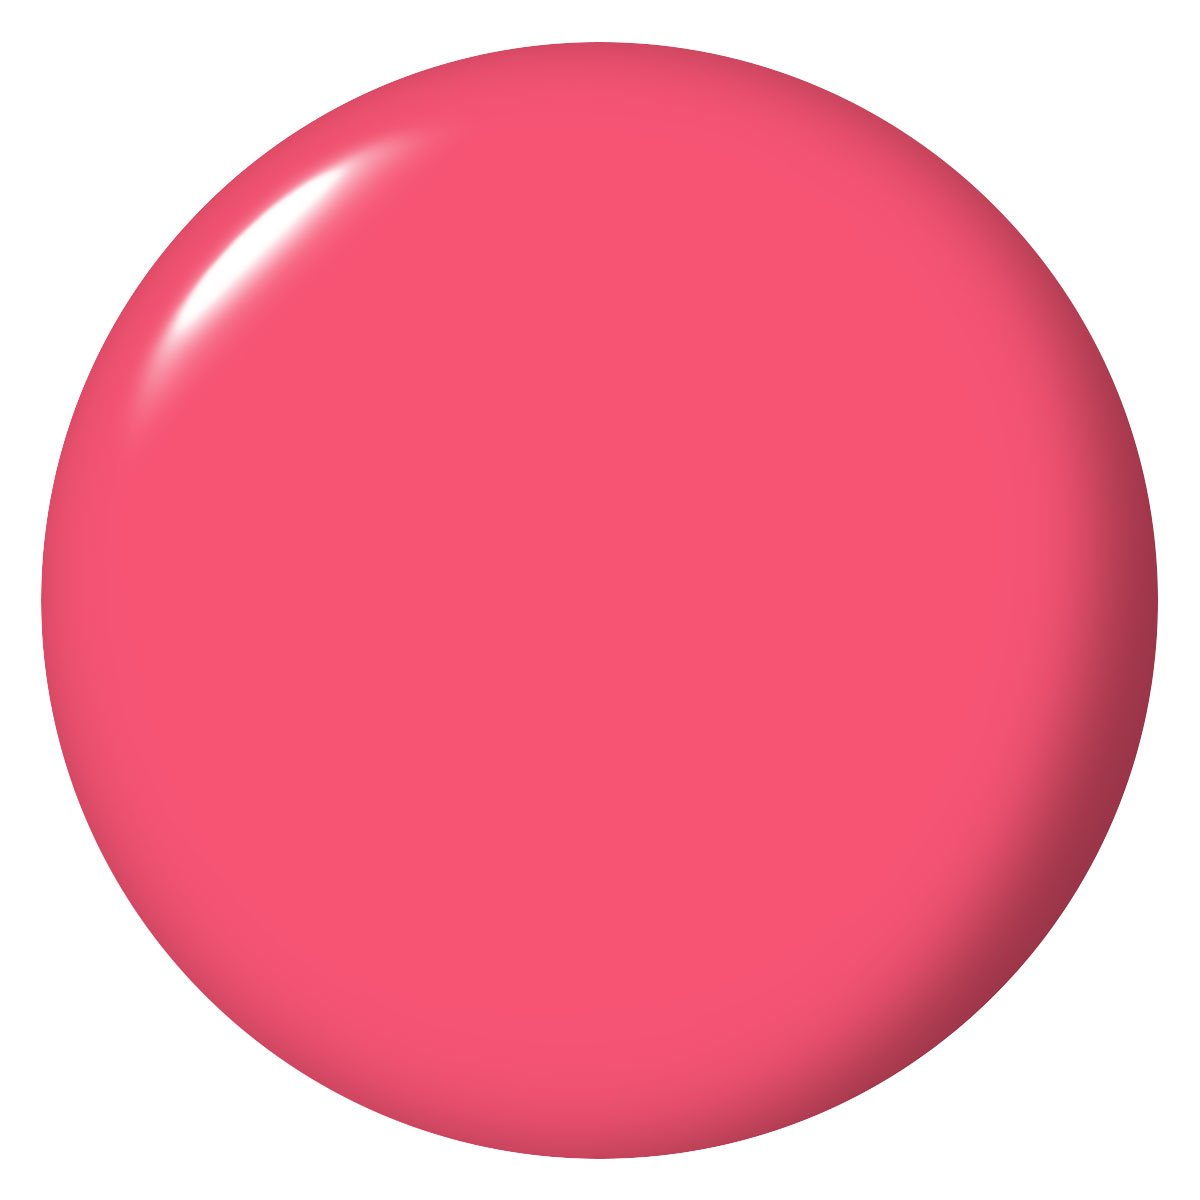 OPI Nail Polish, Nail Lacquer, Not So Bora-Bora-ing Pink, Pink Nail Polish, 0.5 Fl Oz: Premium Beauty